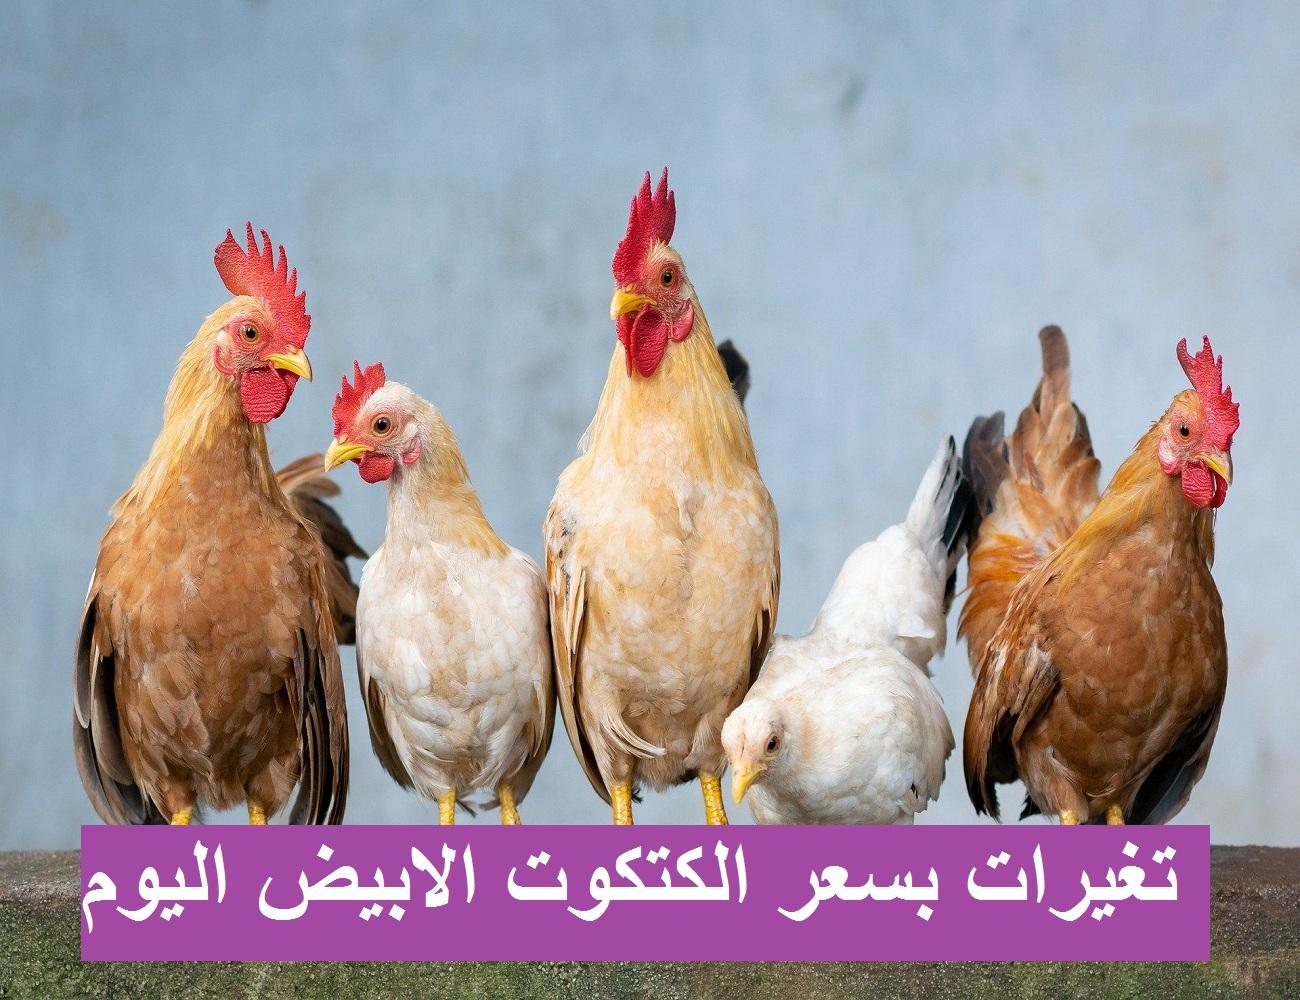 أسعار الكتاكيت.. سعر الكتكوت الابيض اليوم الإثنين 12 أبريل 2021 وسعر الفراخ البيضاء اليوم